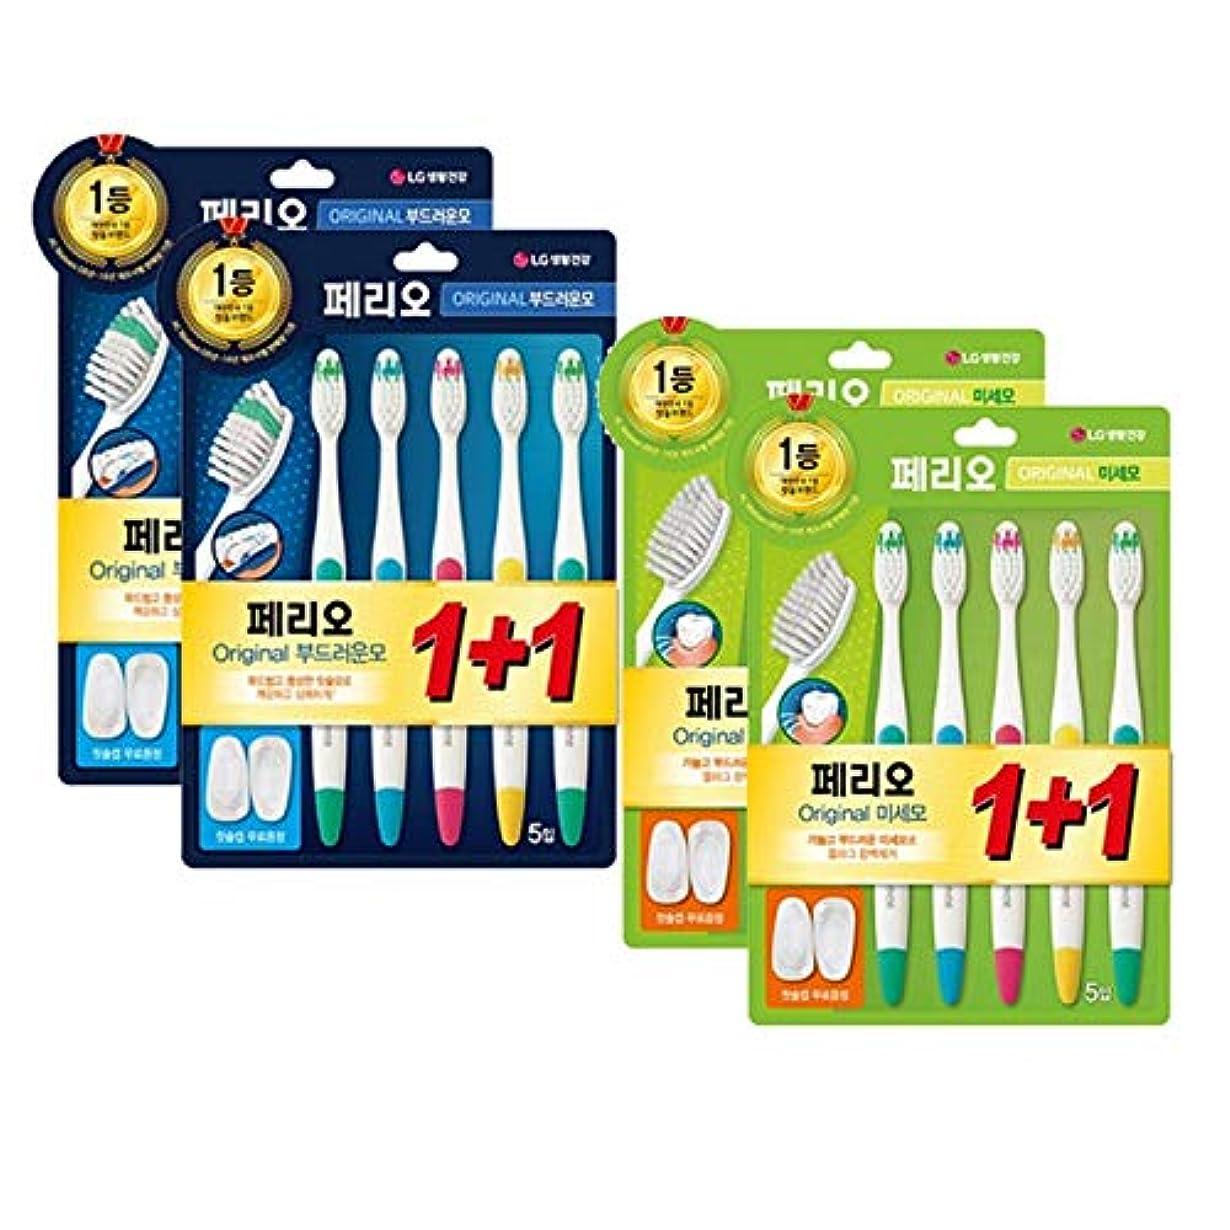 不規則な下向き細心の[LG HnB] Perio original toothbrush/ペリオオリジナル歯ブラシ 5口x4個(海外直送品)